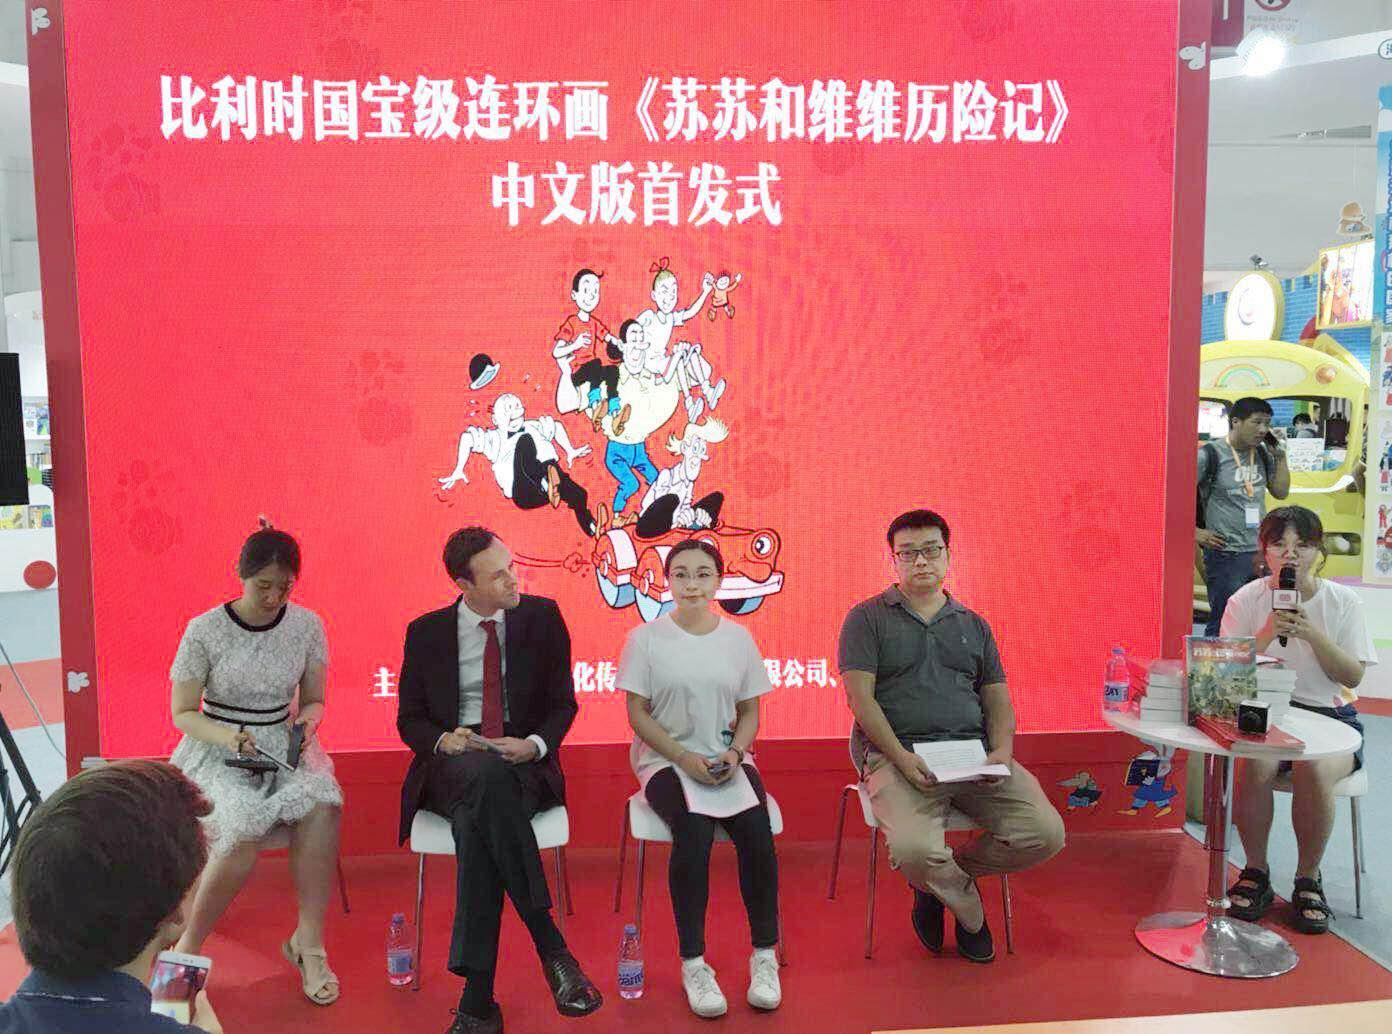 《苏苏和维维历险记》中文版首发仪式在京举行